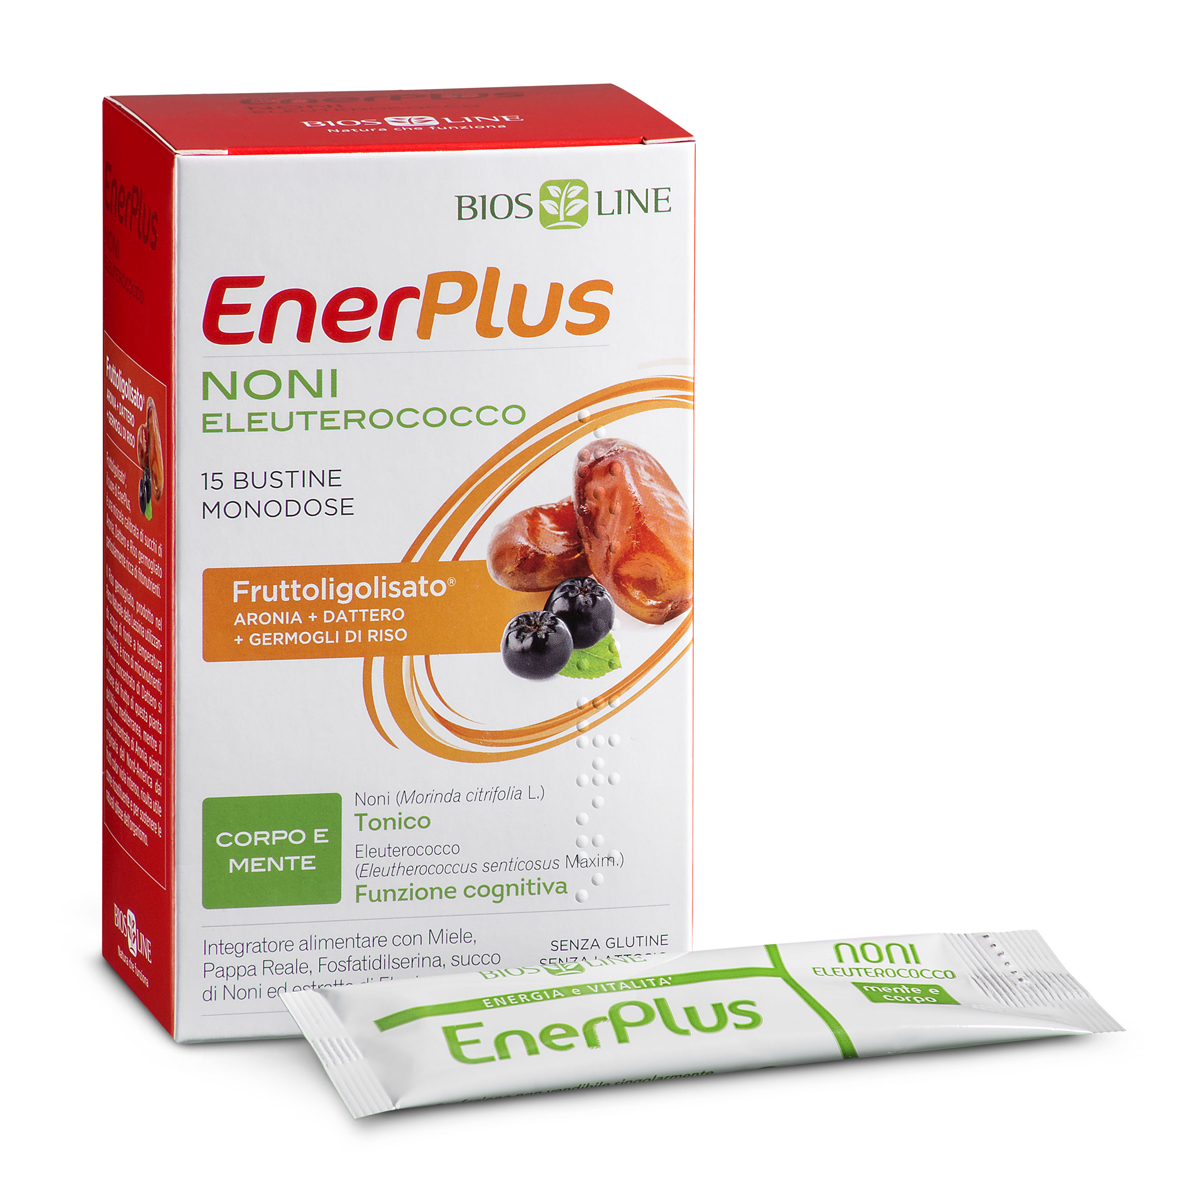 Enerplus Noni